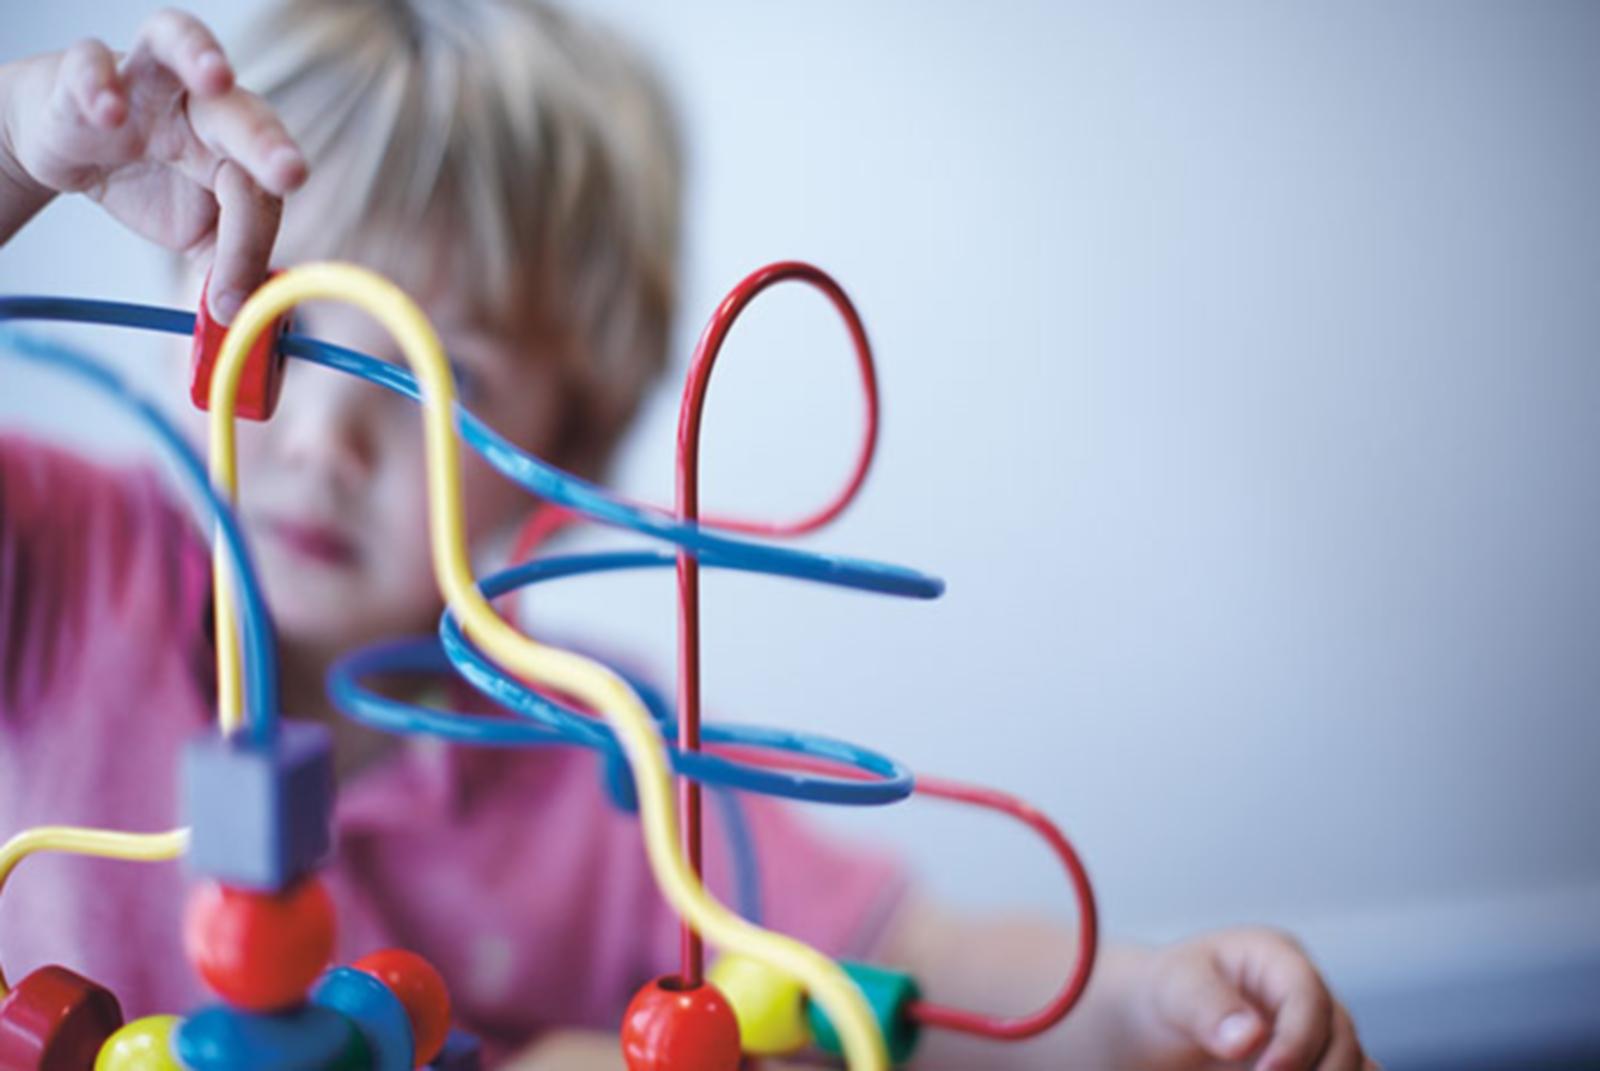 Δραστηριότητες για ανάπτυξη της λεπτής κινητικότητας σε παιδιά